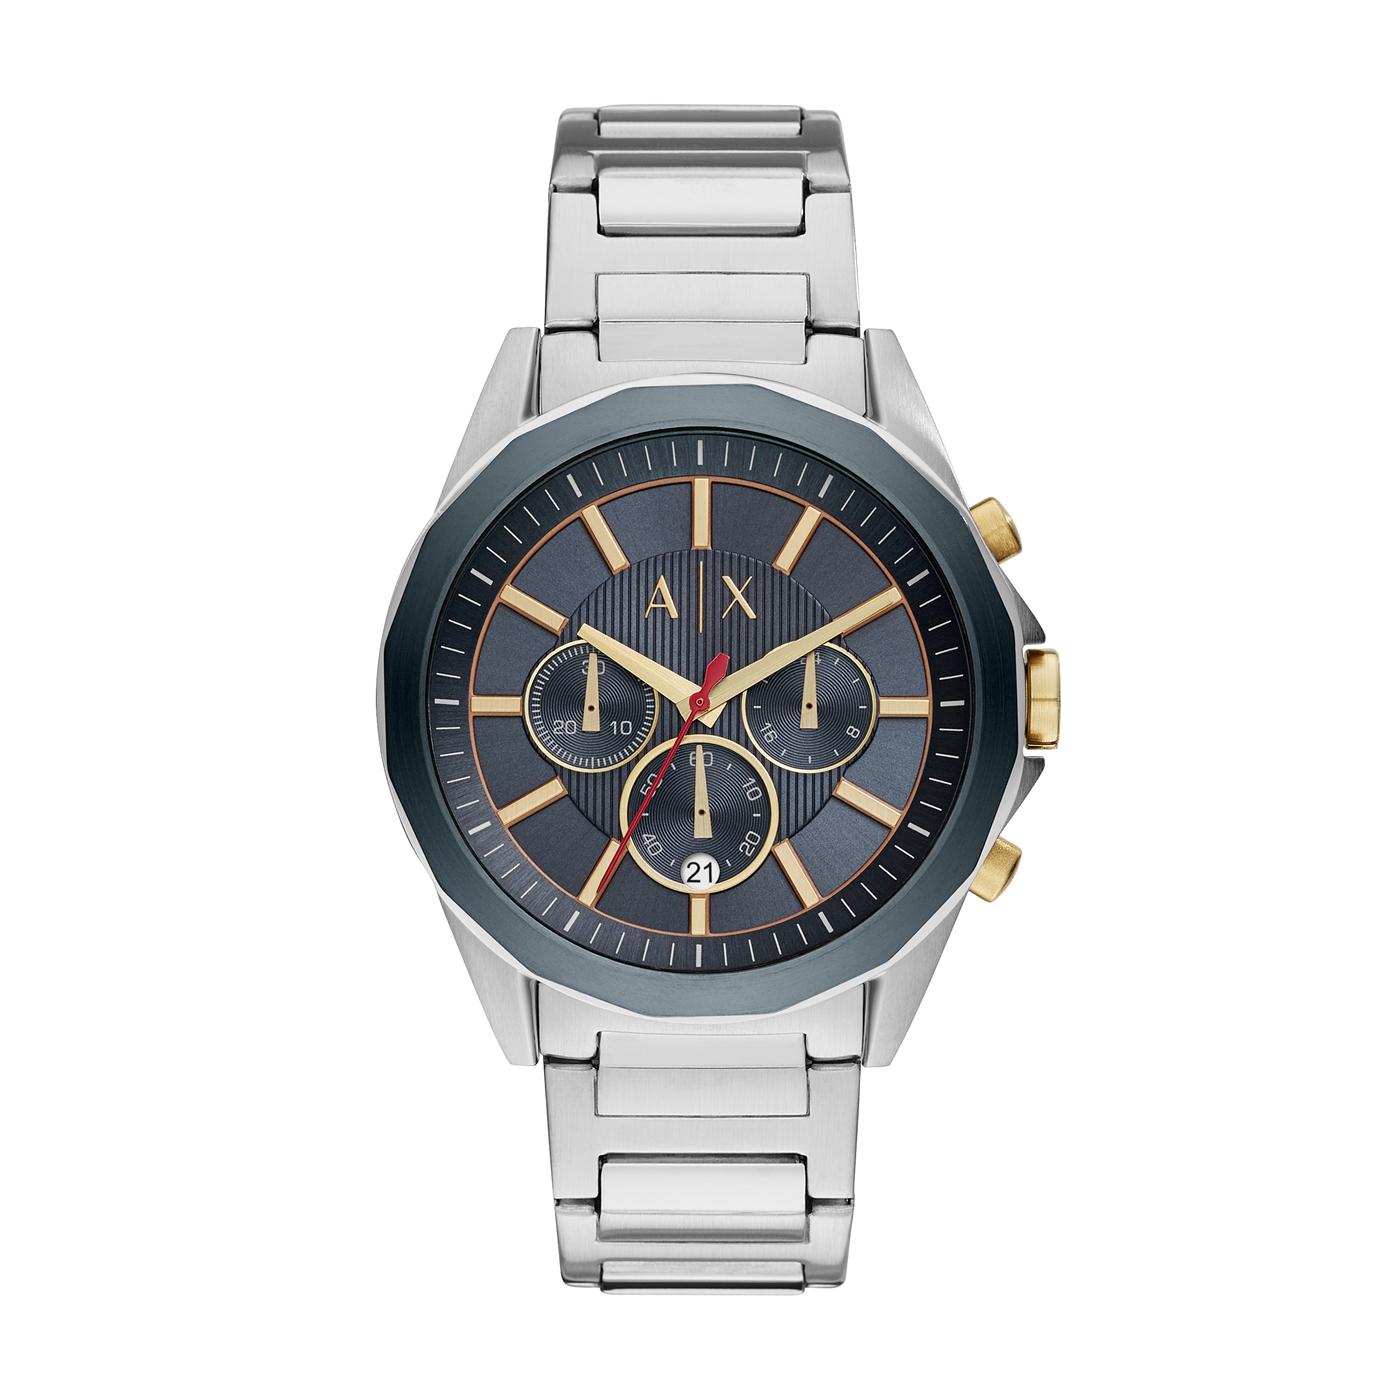 Afbeelding van Armani Exchange Drexler horloge AX2614